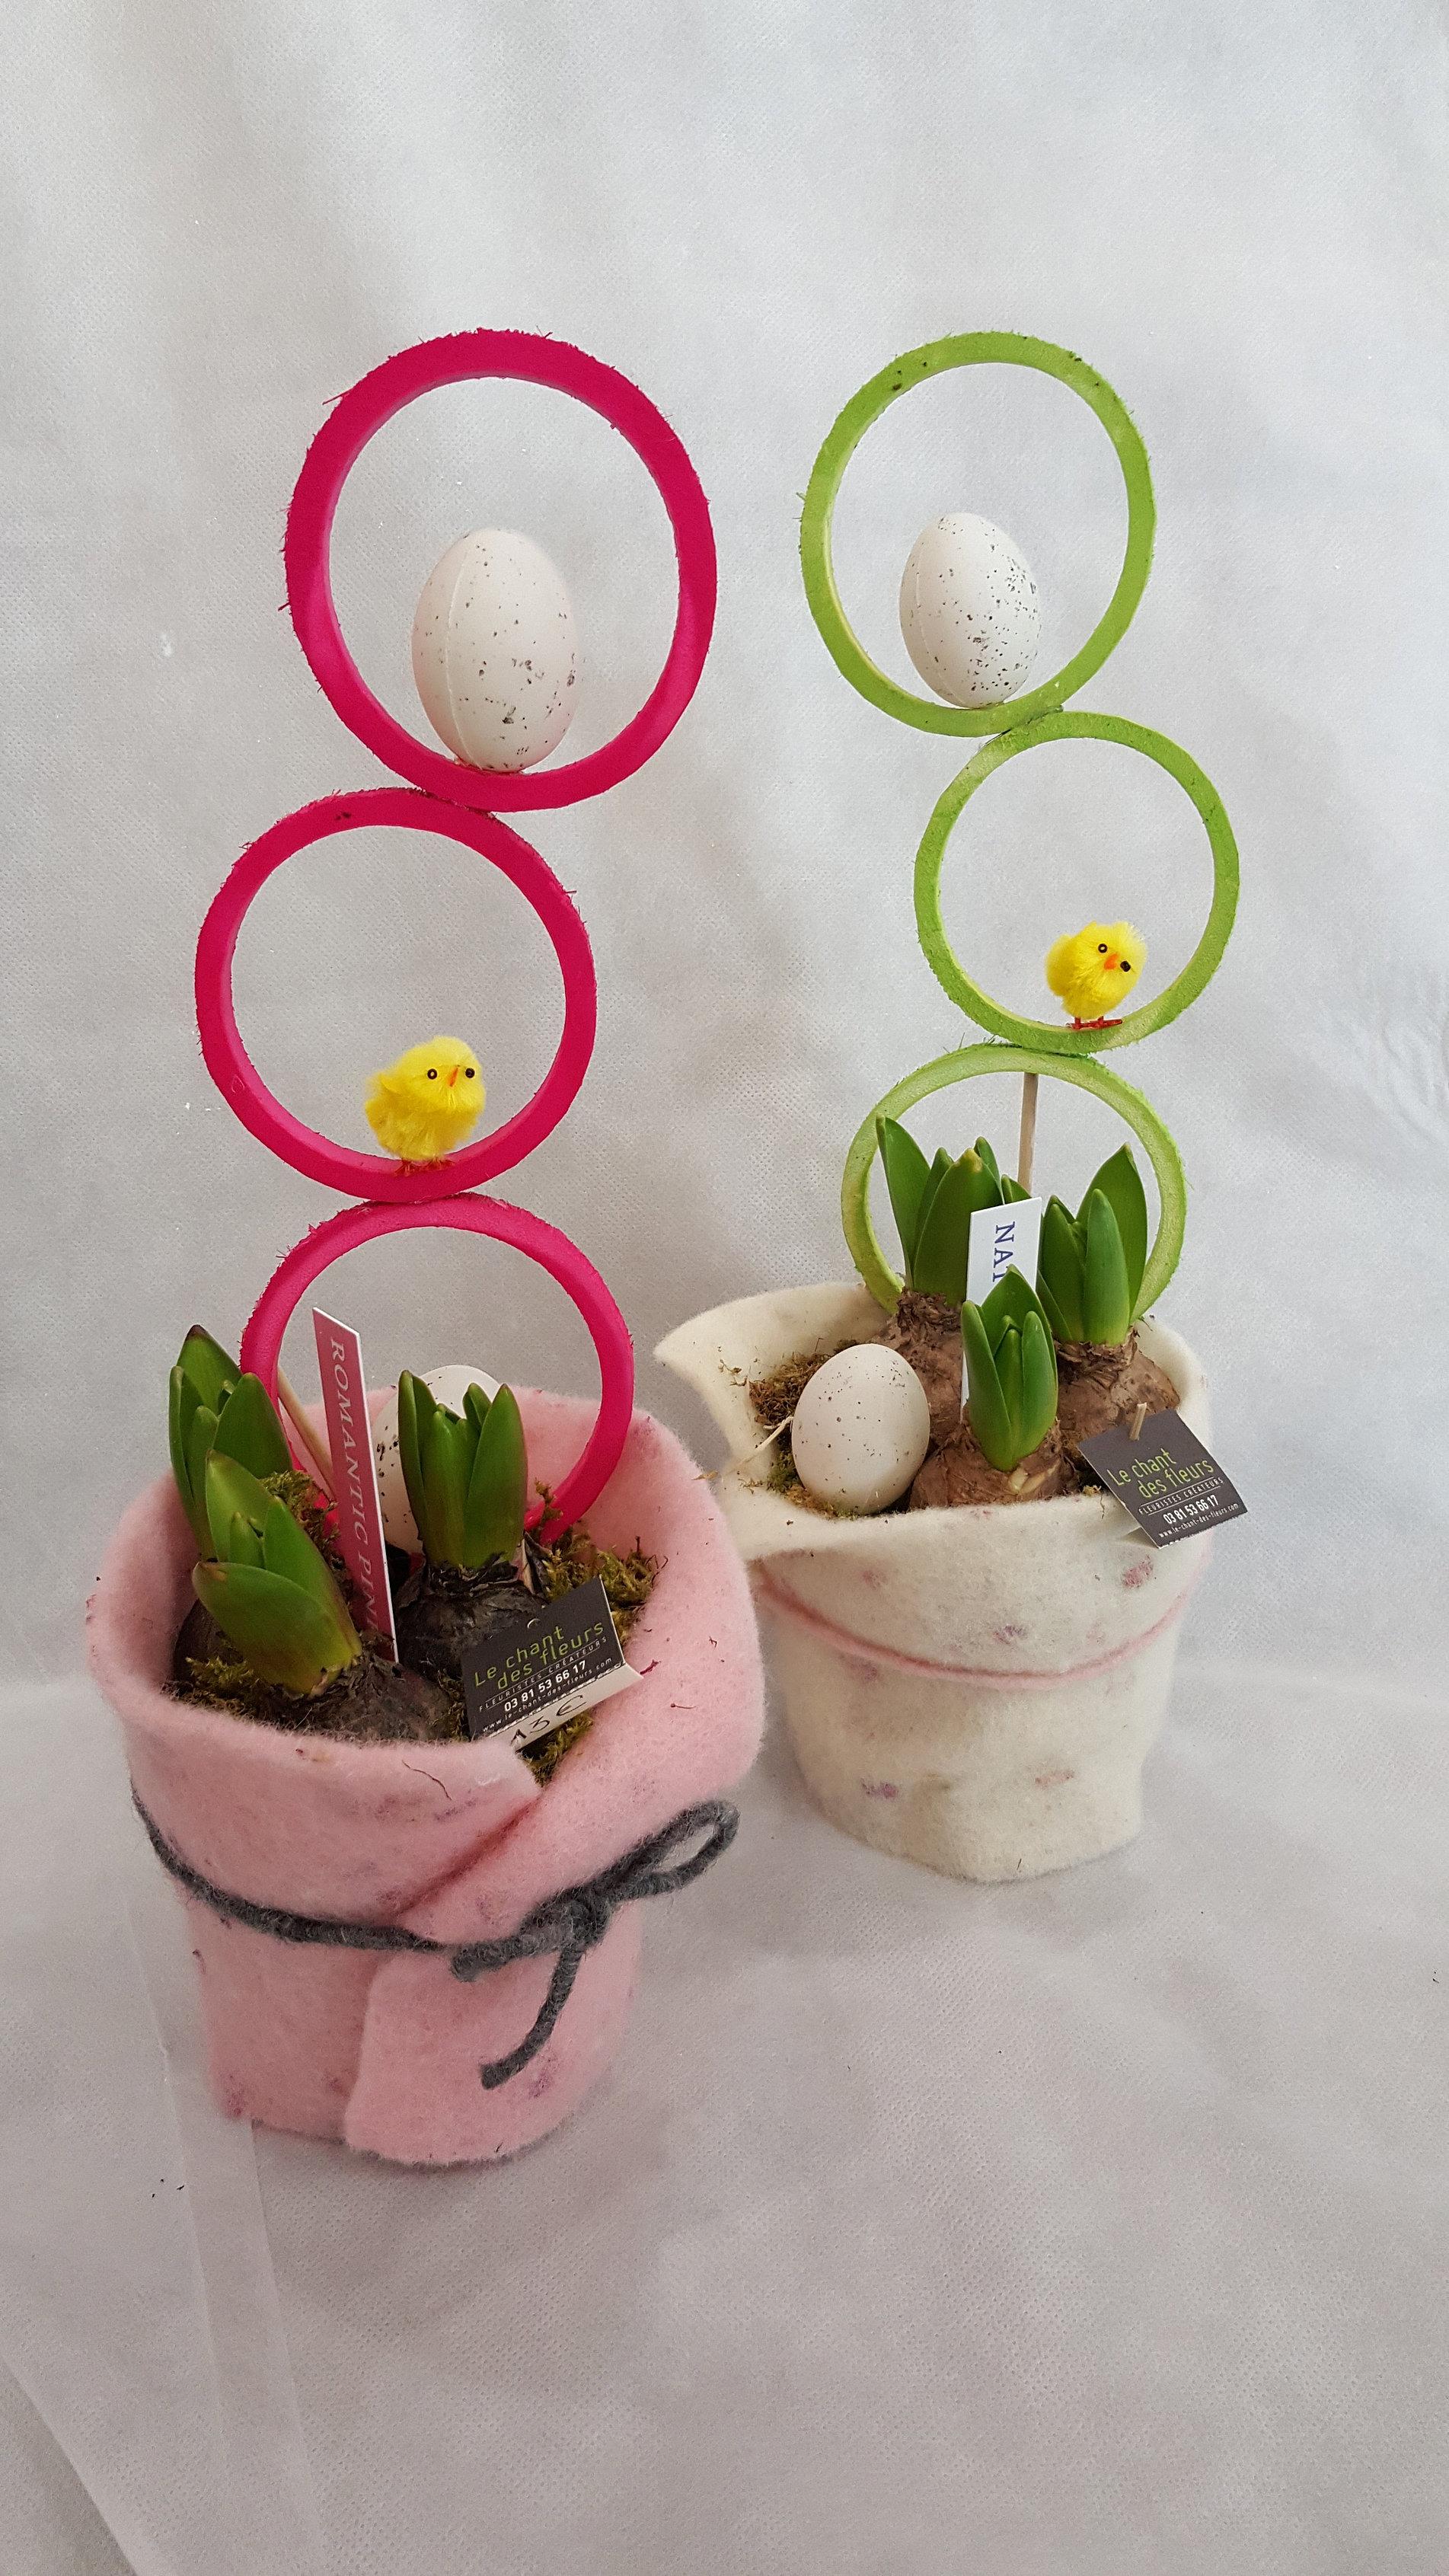 Le chant des fleurs fleuriste besancon 0381536617 for Fleuriste proche